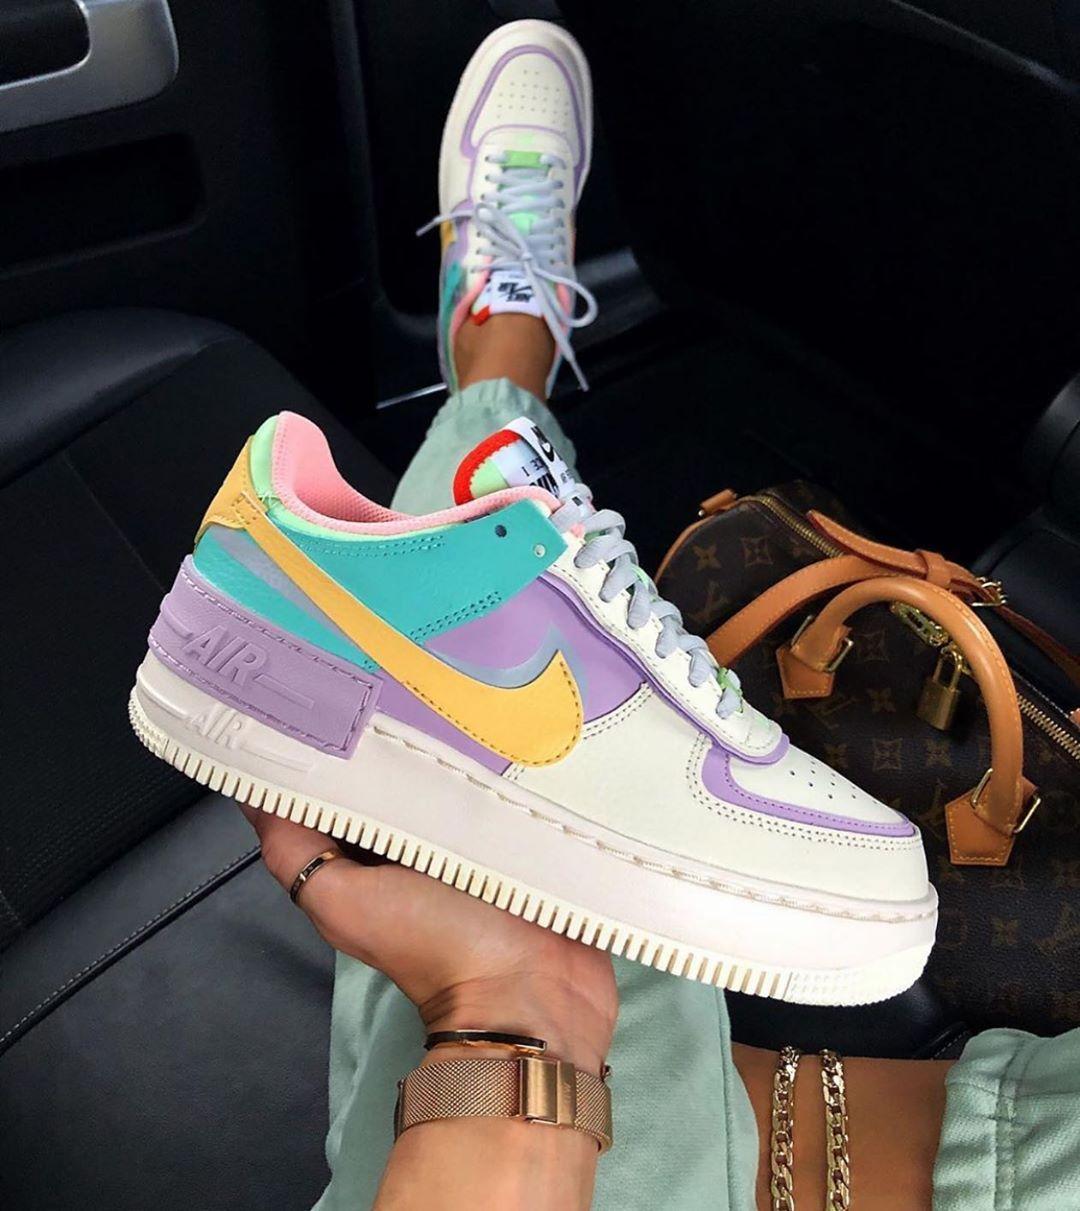 Postuzapas En Instagram Nuevas Nike Air Force Colours Unas De Nuestras Favo En 2020 Zapatos Nike Para Damas Zapatos Altos De Moda Zapatillas Nike Para Ninas